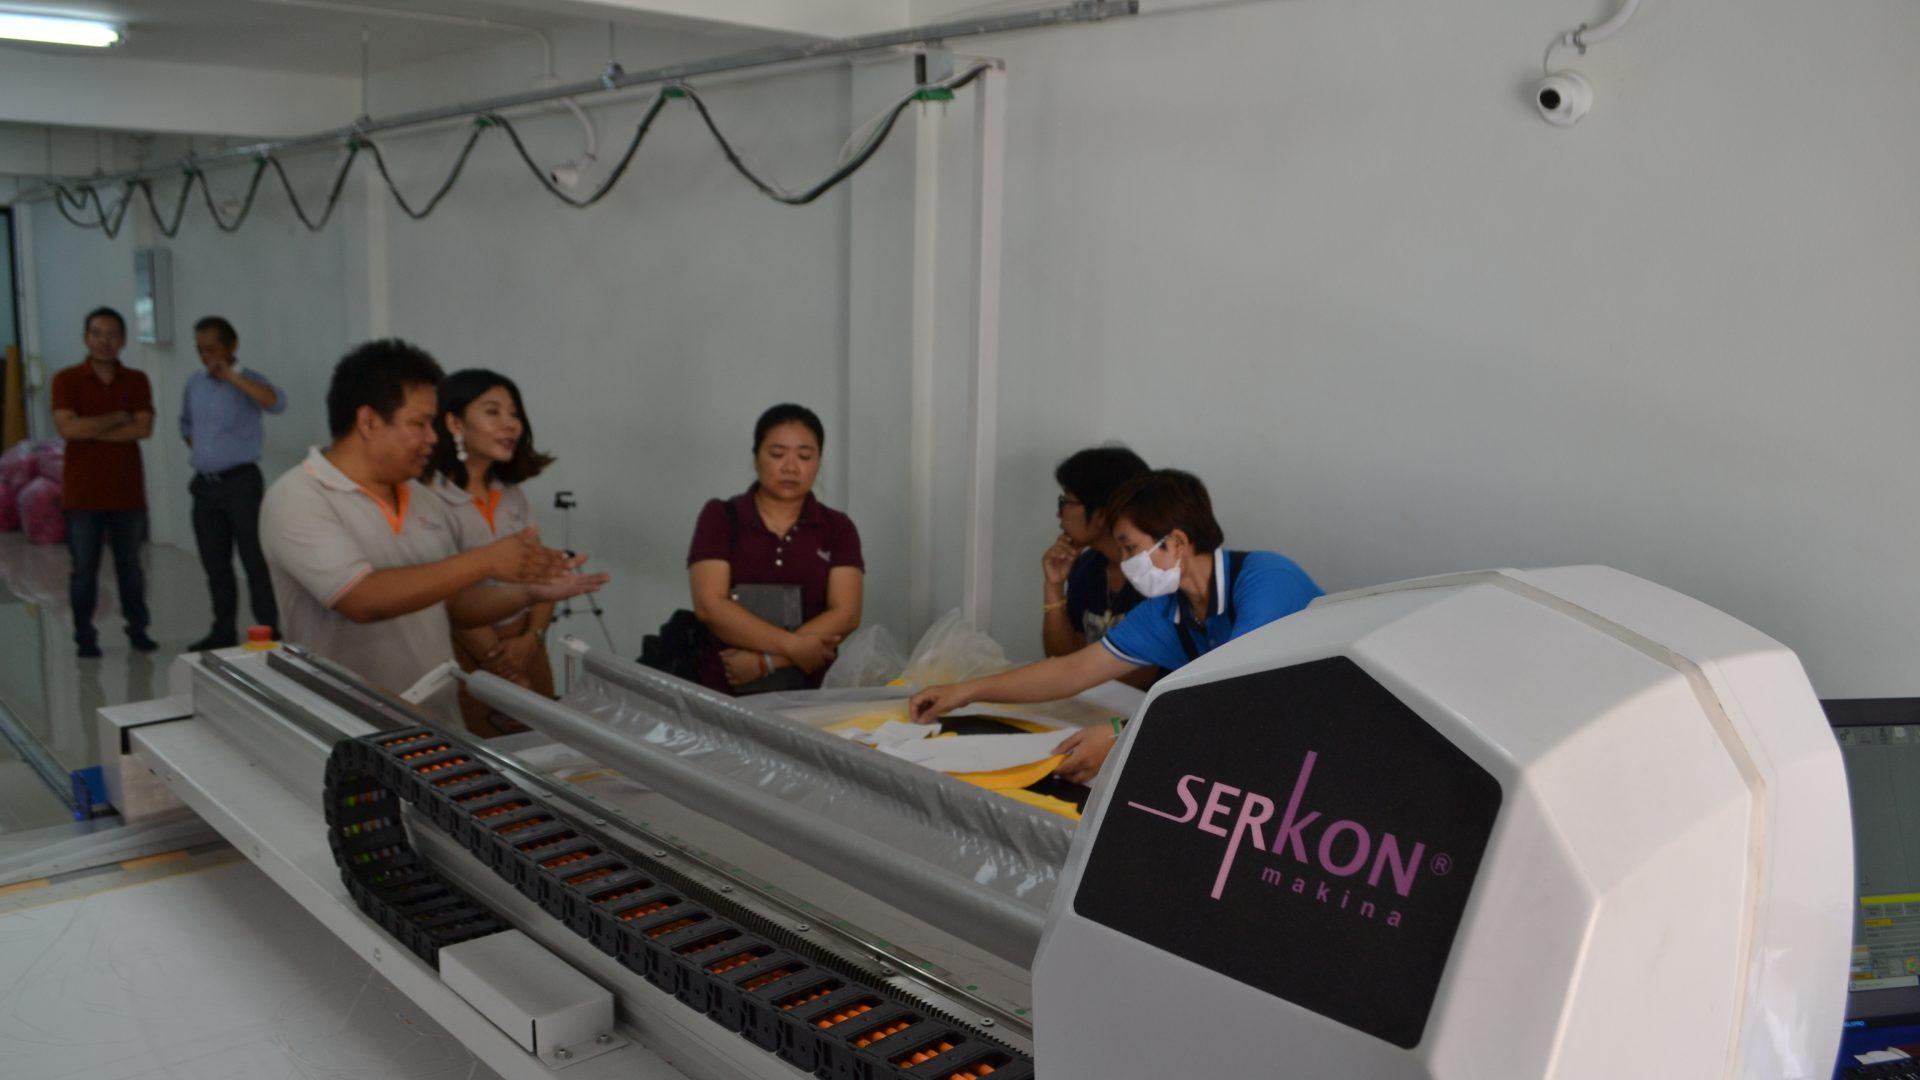 พาลูกค้าดูเครื่องตัดผ้าอัตโนมัติ